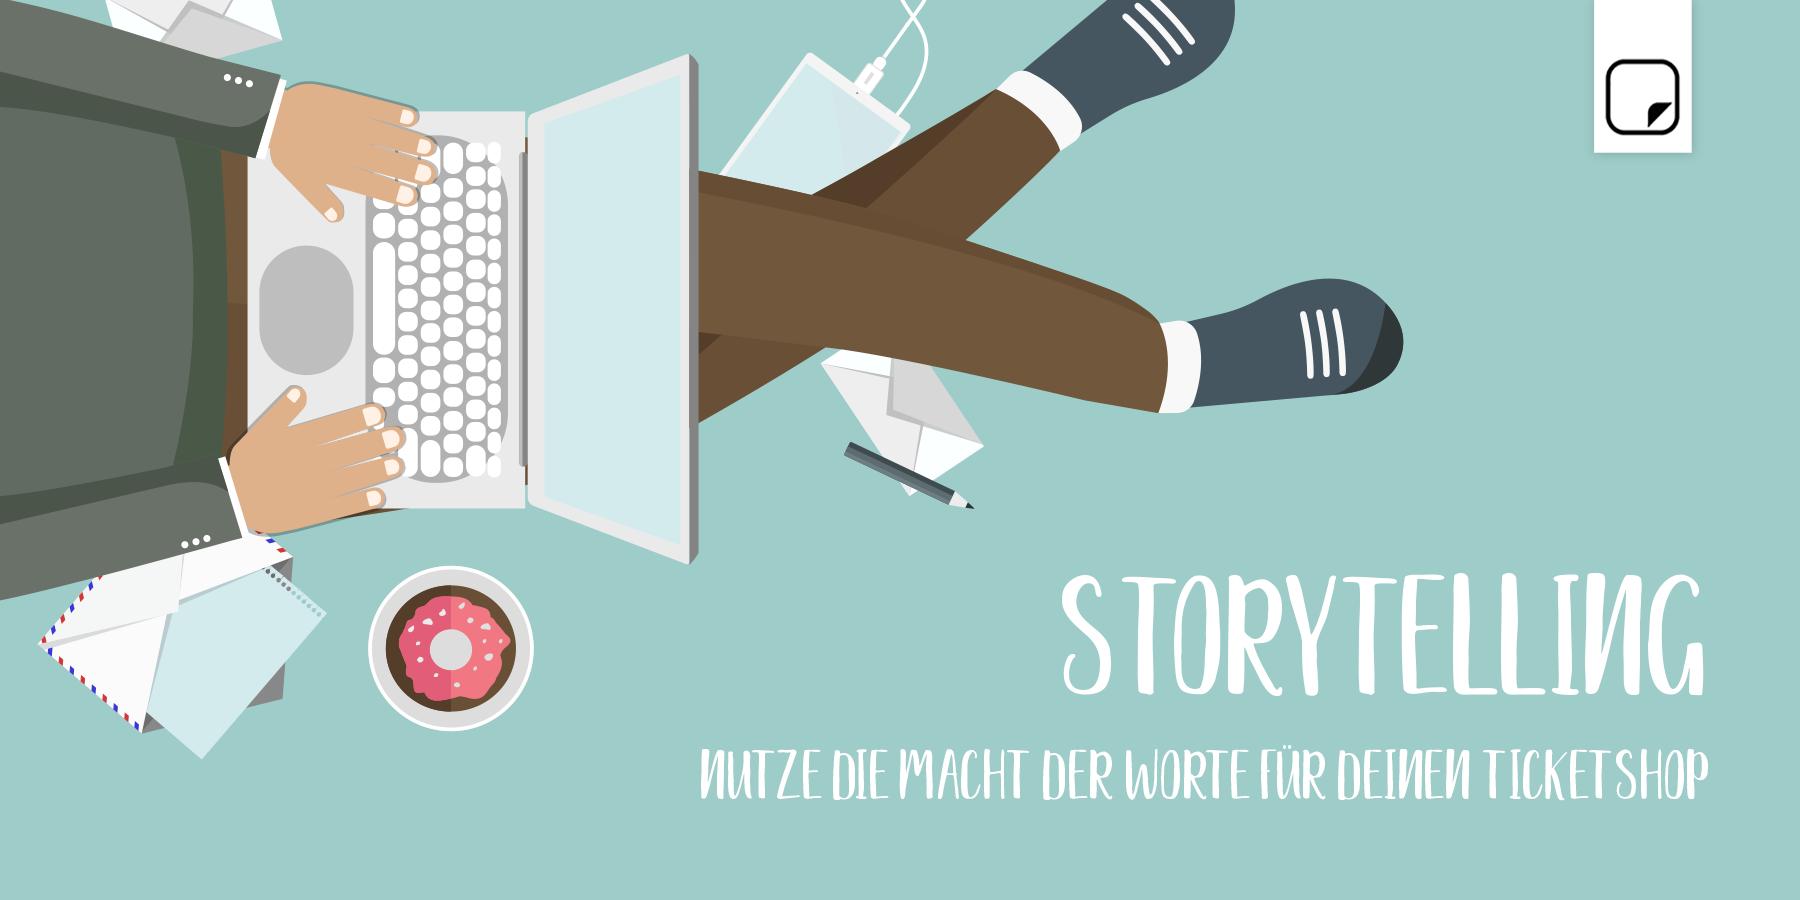 Storytelling – Nutze die Macht der Worte für deinen Ticketshop